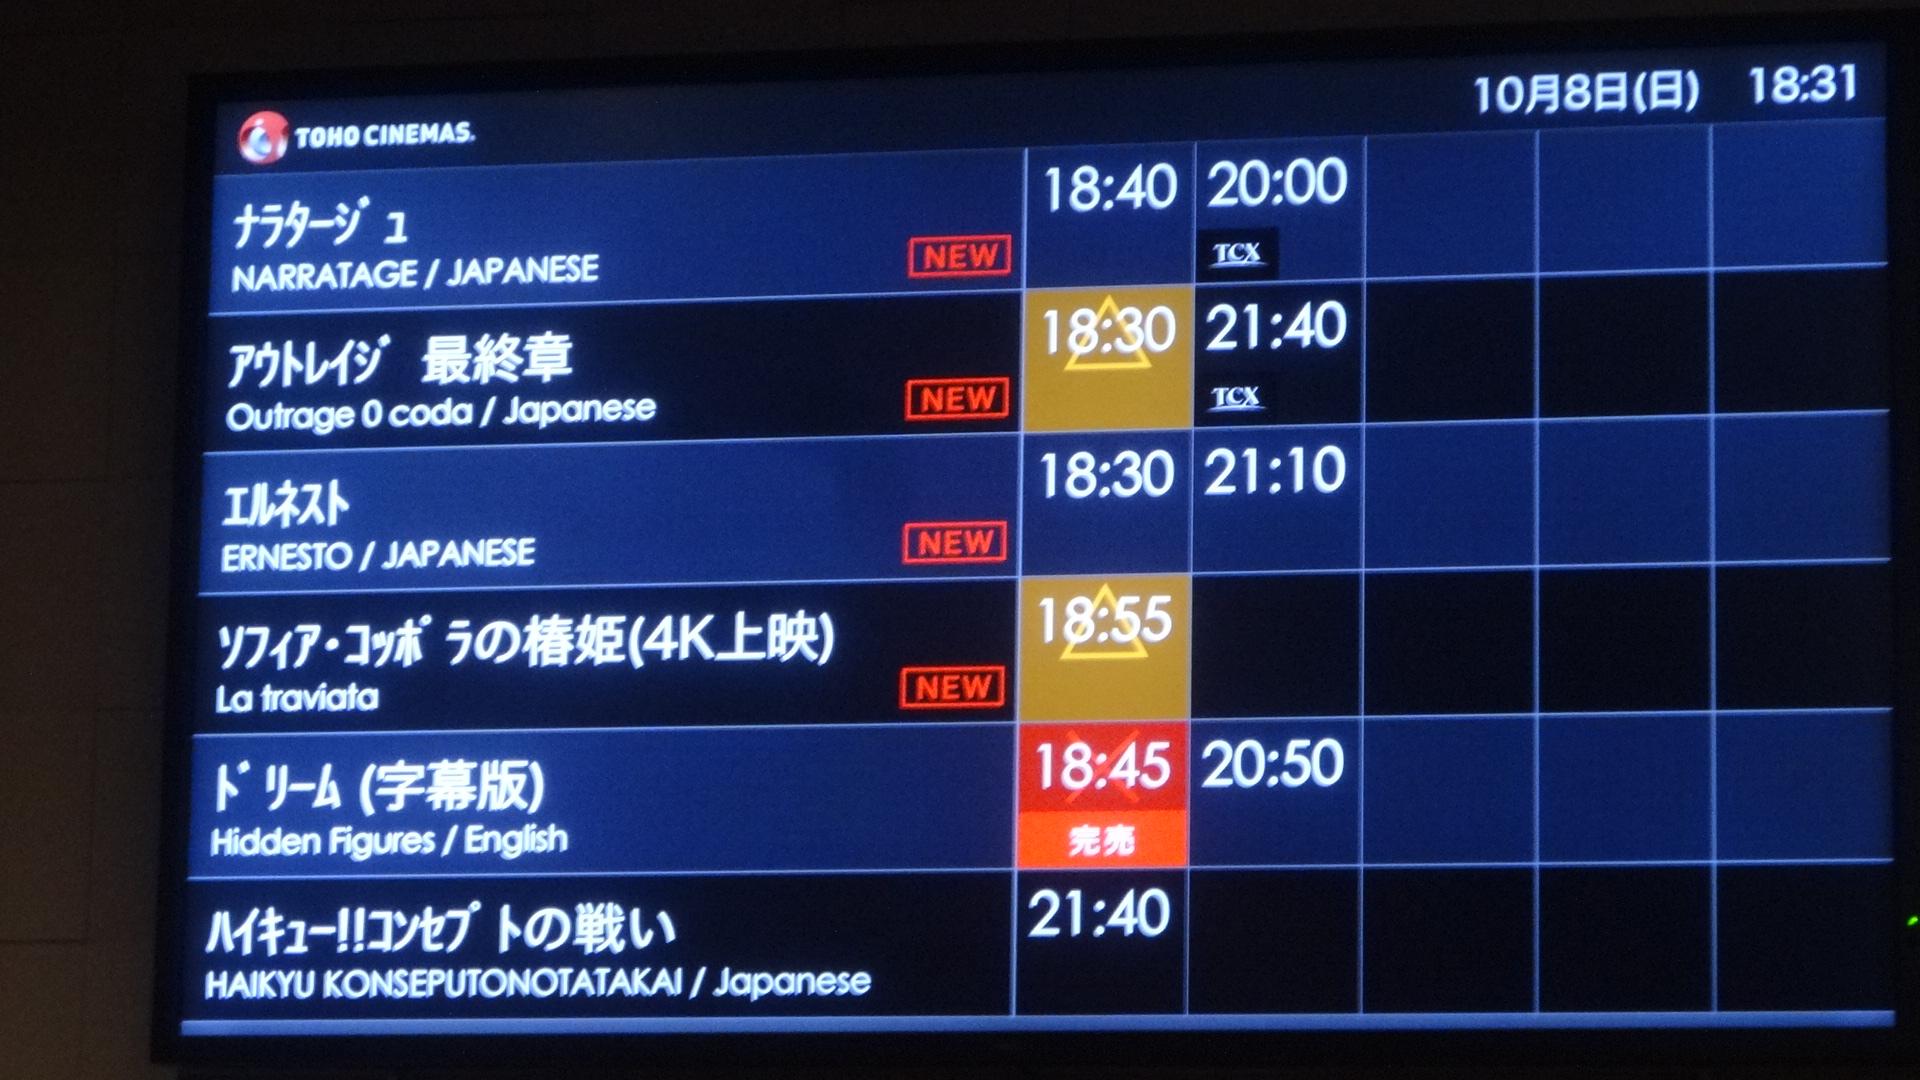 映画館の上映時刻案内表